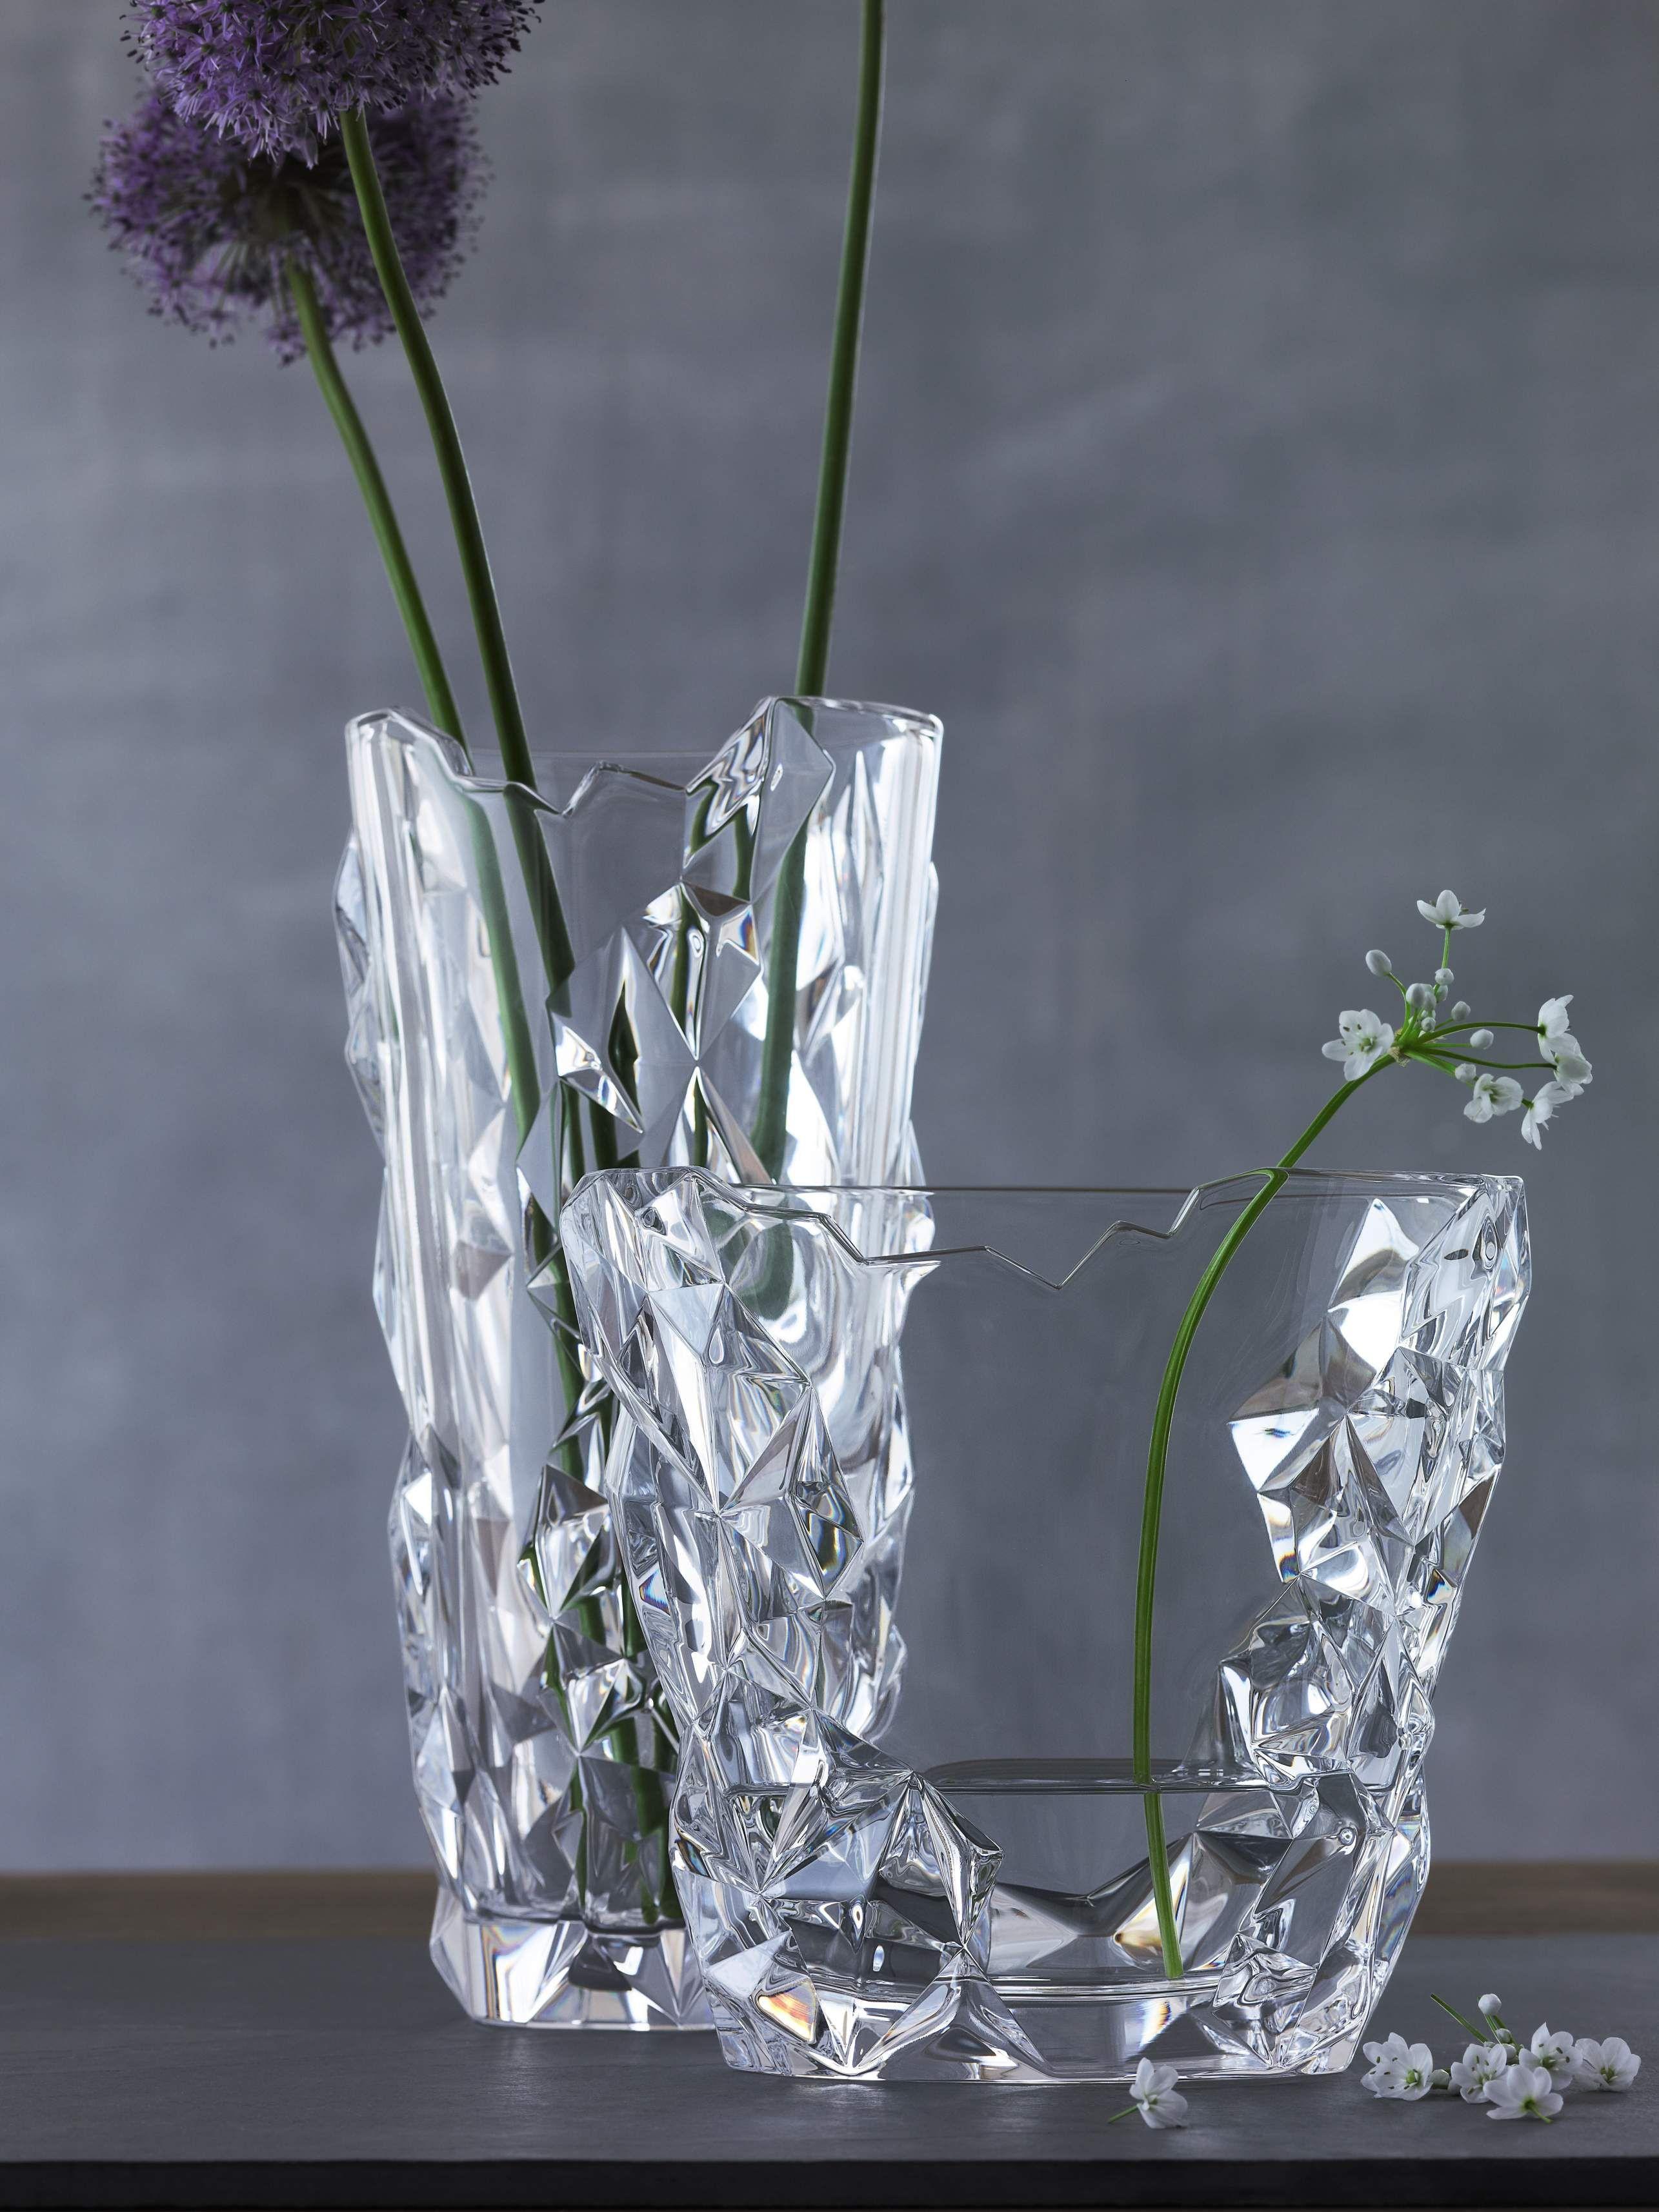 nachtmann art deco vase of nachtmann sculpture aƒŠaƒaƒˆaƒžaƒ³ i¼œa'¹a'aƒaƒ—aƒaƒaƒ¼i¼ž with nachtmann sculpture aƒŠaƒaƒˆaƒžaƒ³ i¼œa'¹a'aƒaƒ—aƒaƒaƒ¼i¼ž